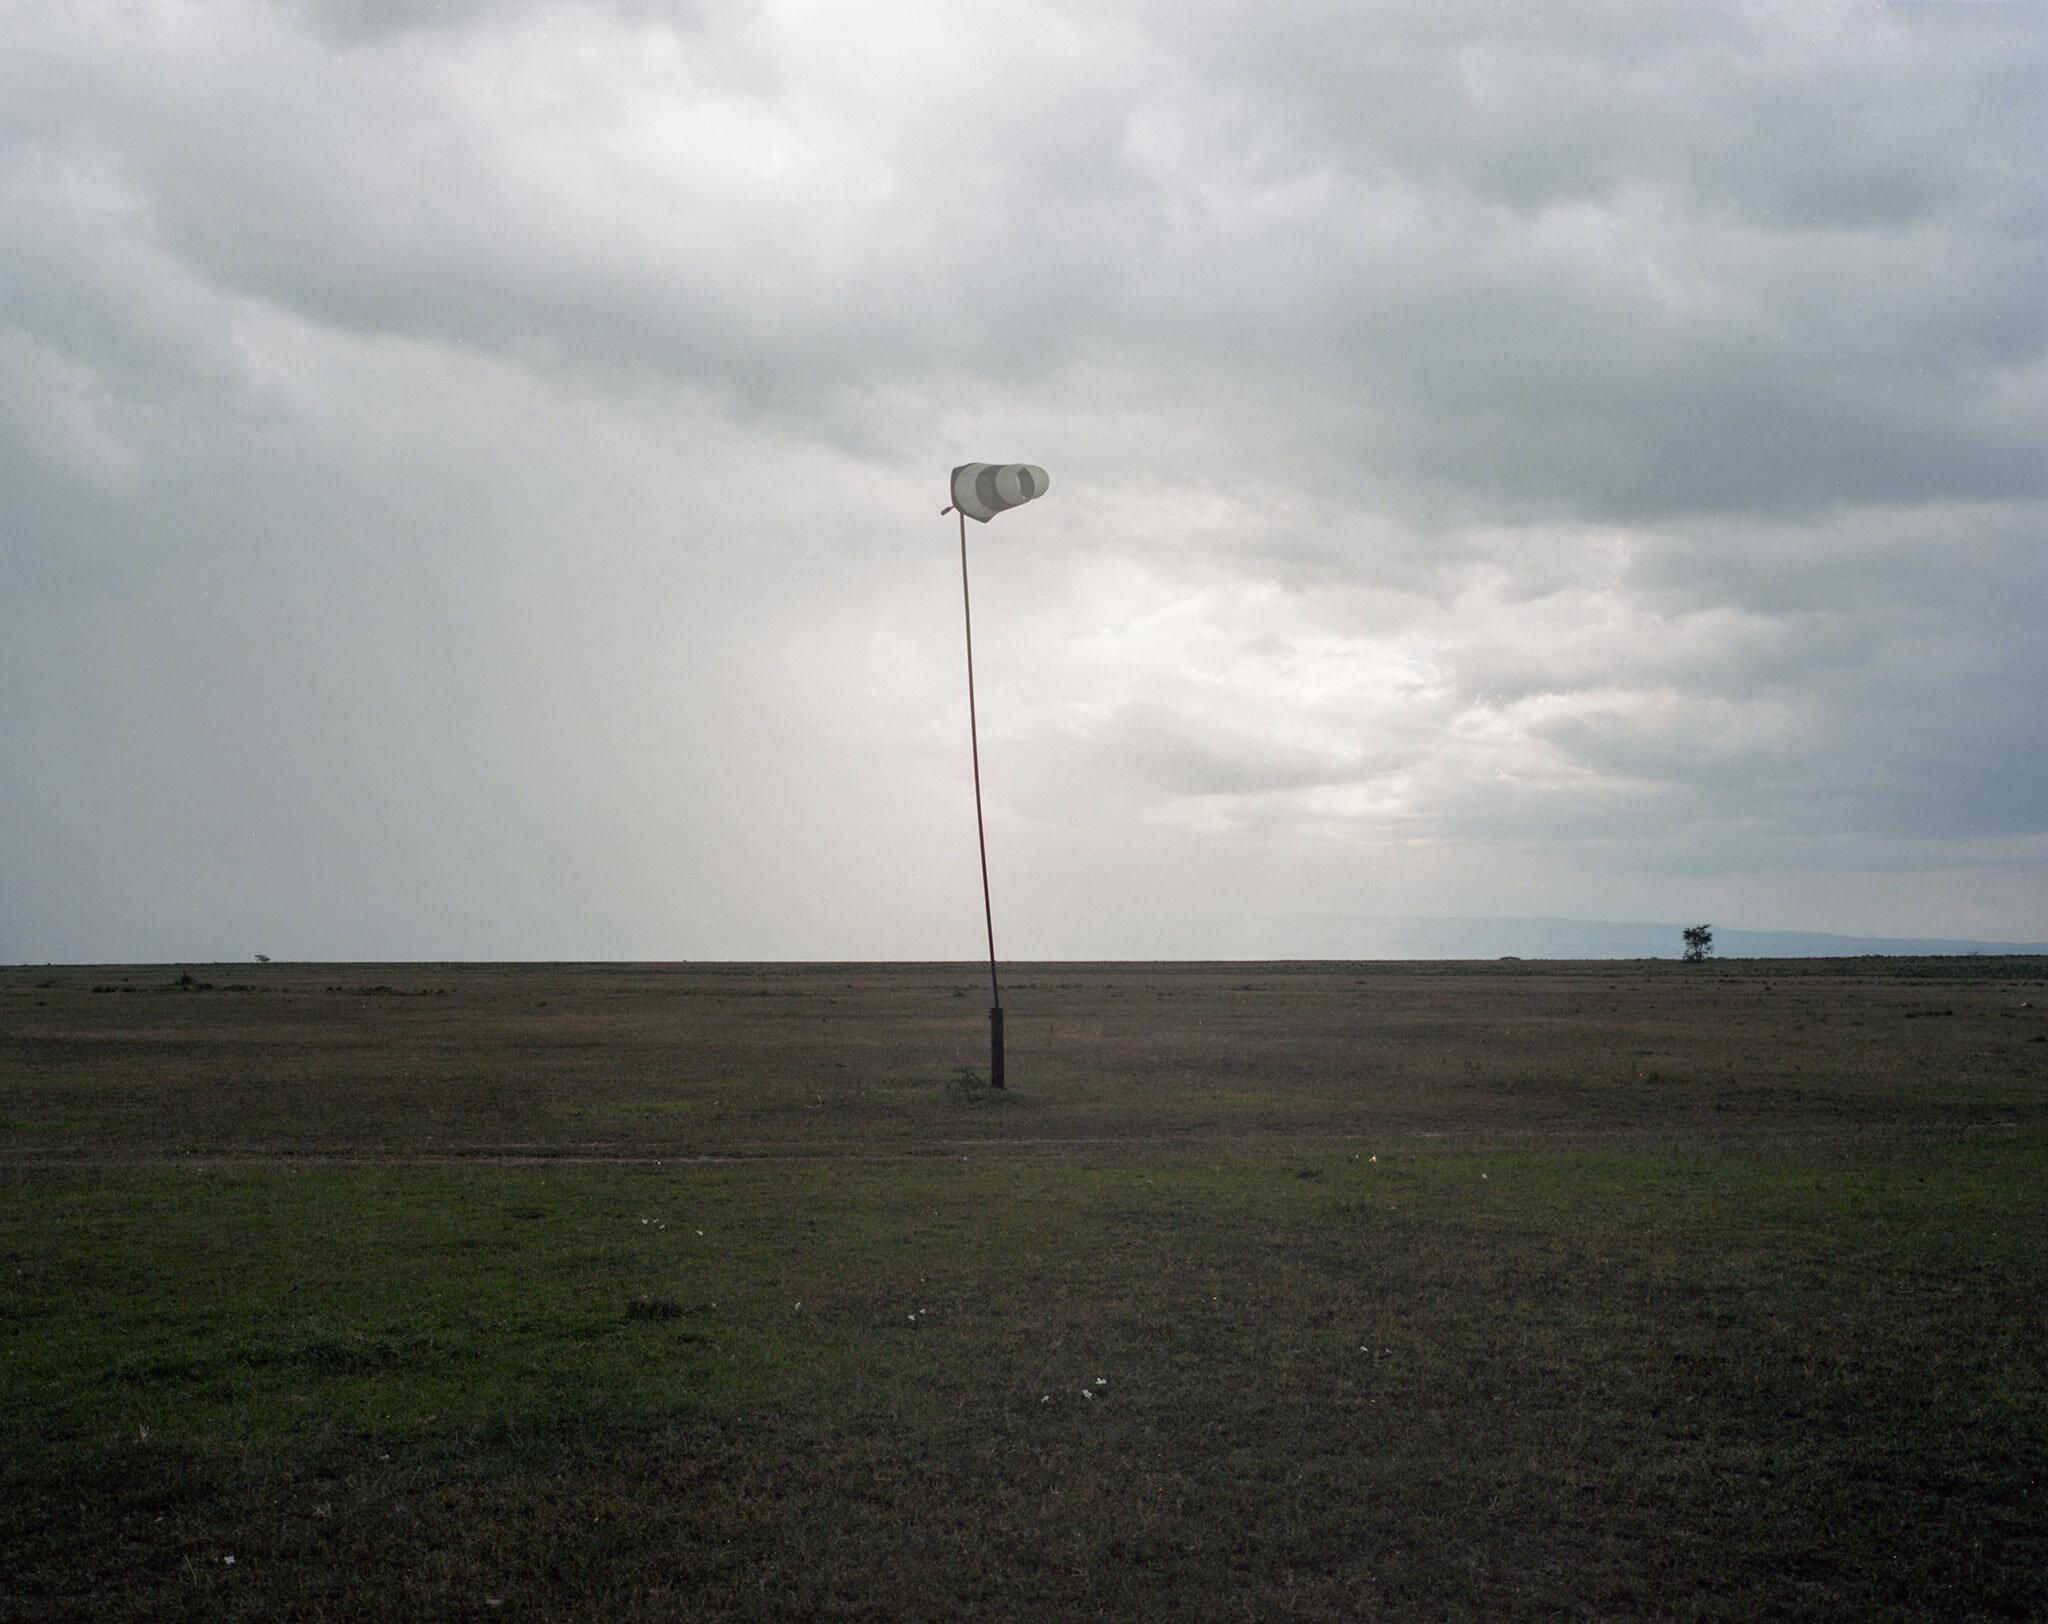 Soysambu airport